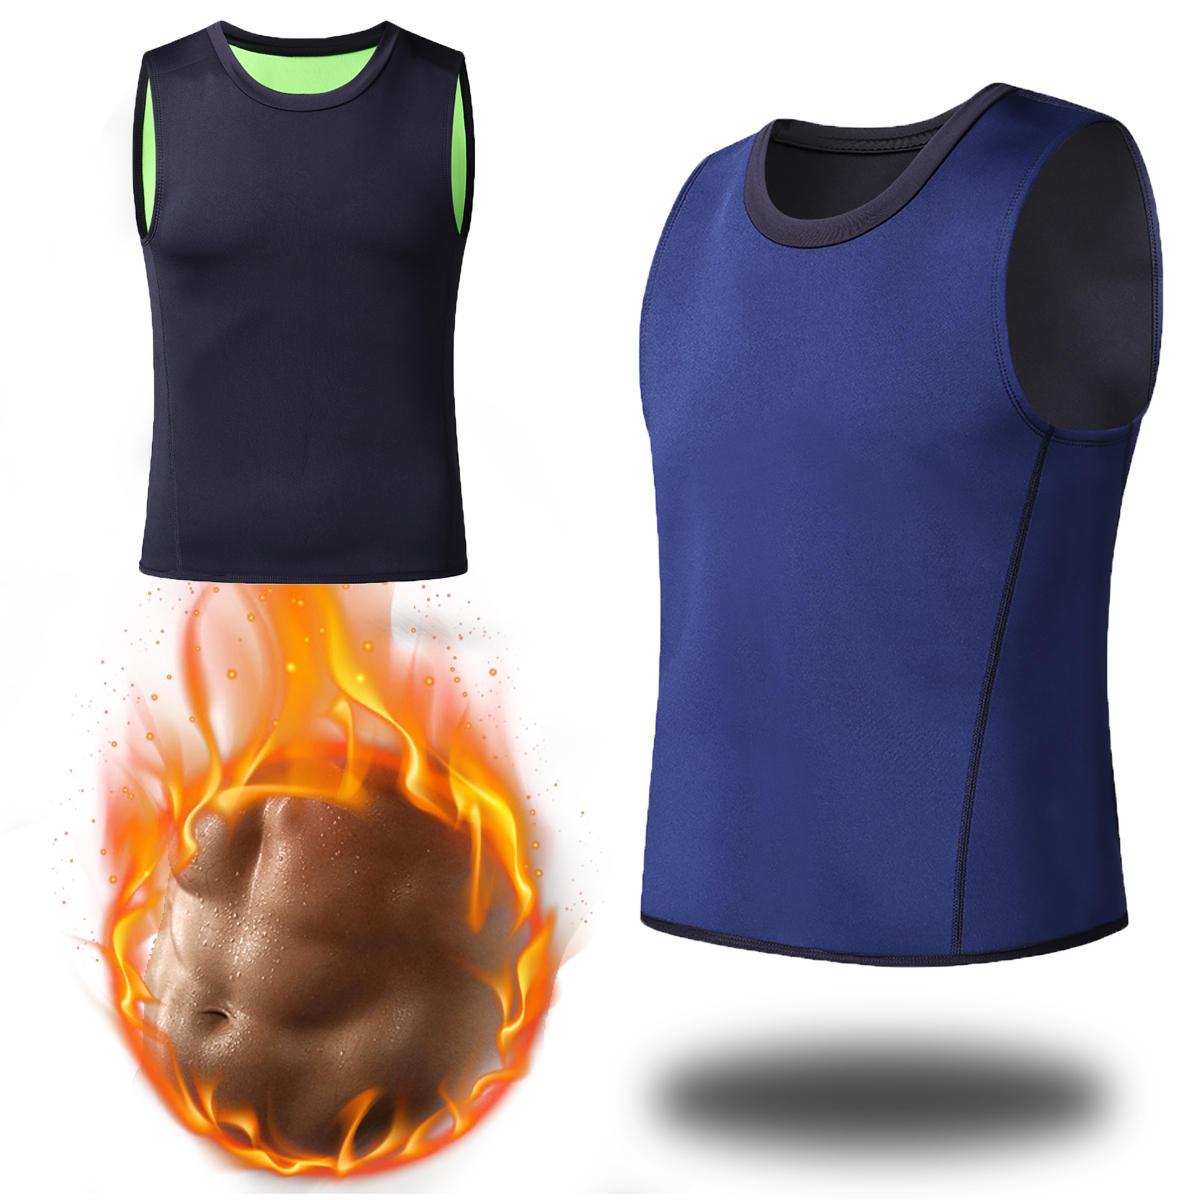 Pánské štíhlé tělo Shaper Vest Neopren Sportovní Sauna Pot Tričko Fat Burning Waist Trainer